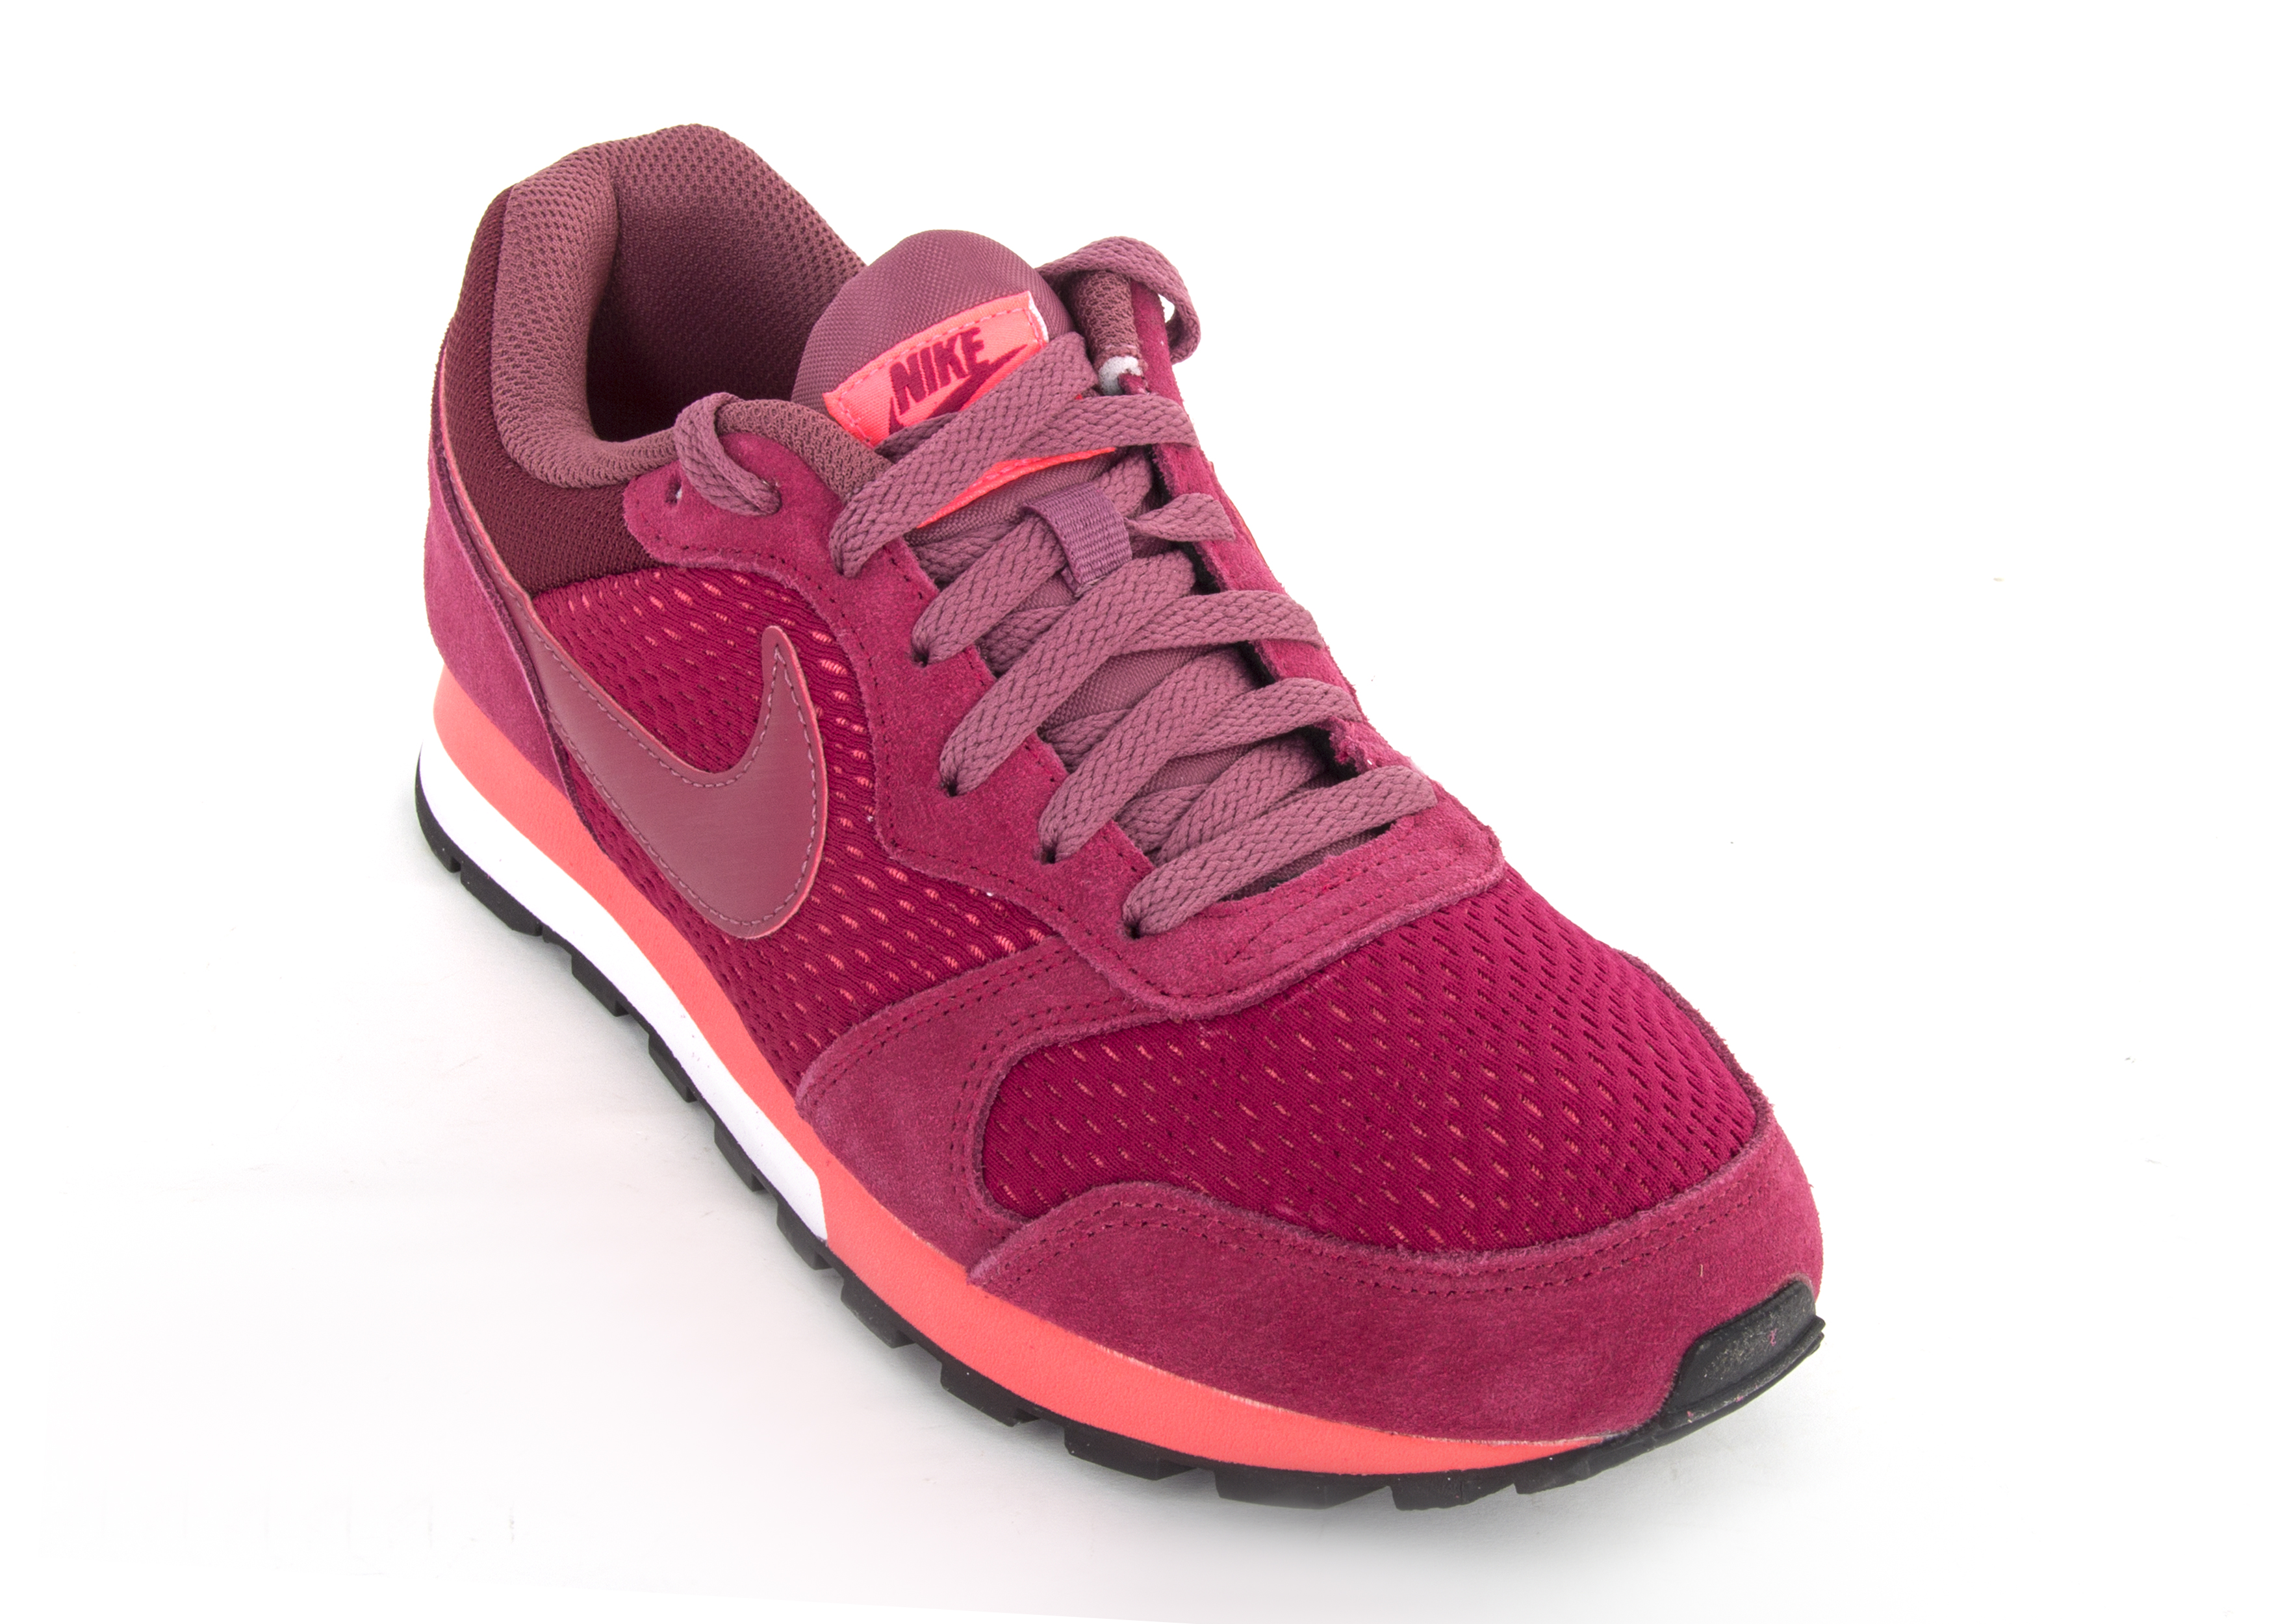 0ad09dcd Кроссовки женские Nike MD Runner 2 - Сеть спортивных магазинов Чемпион